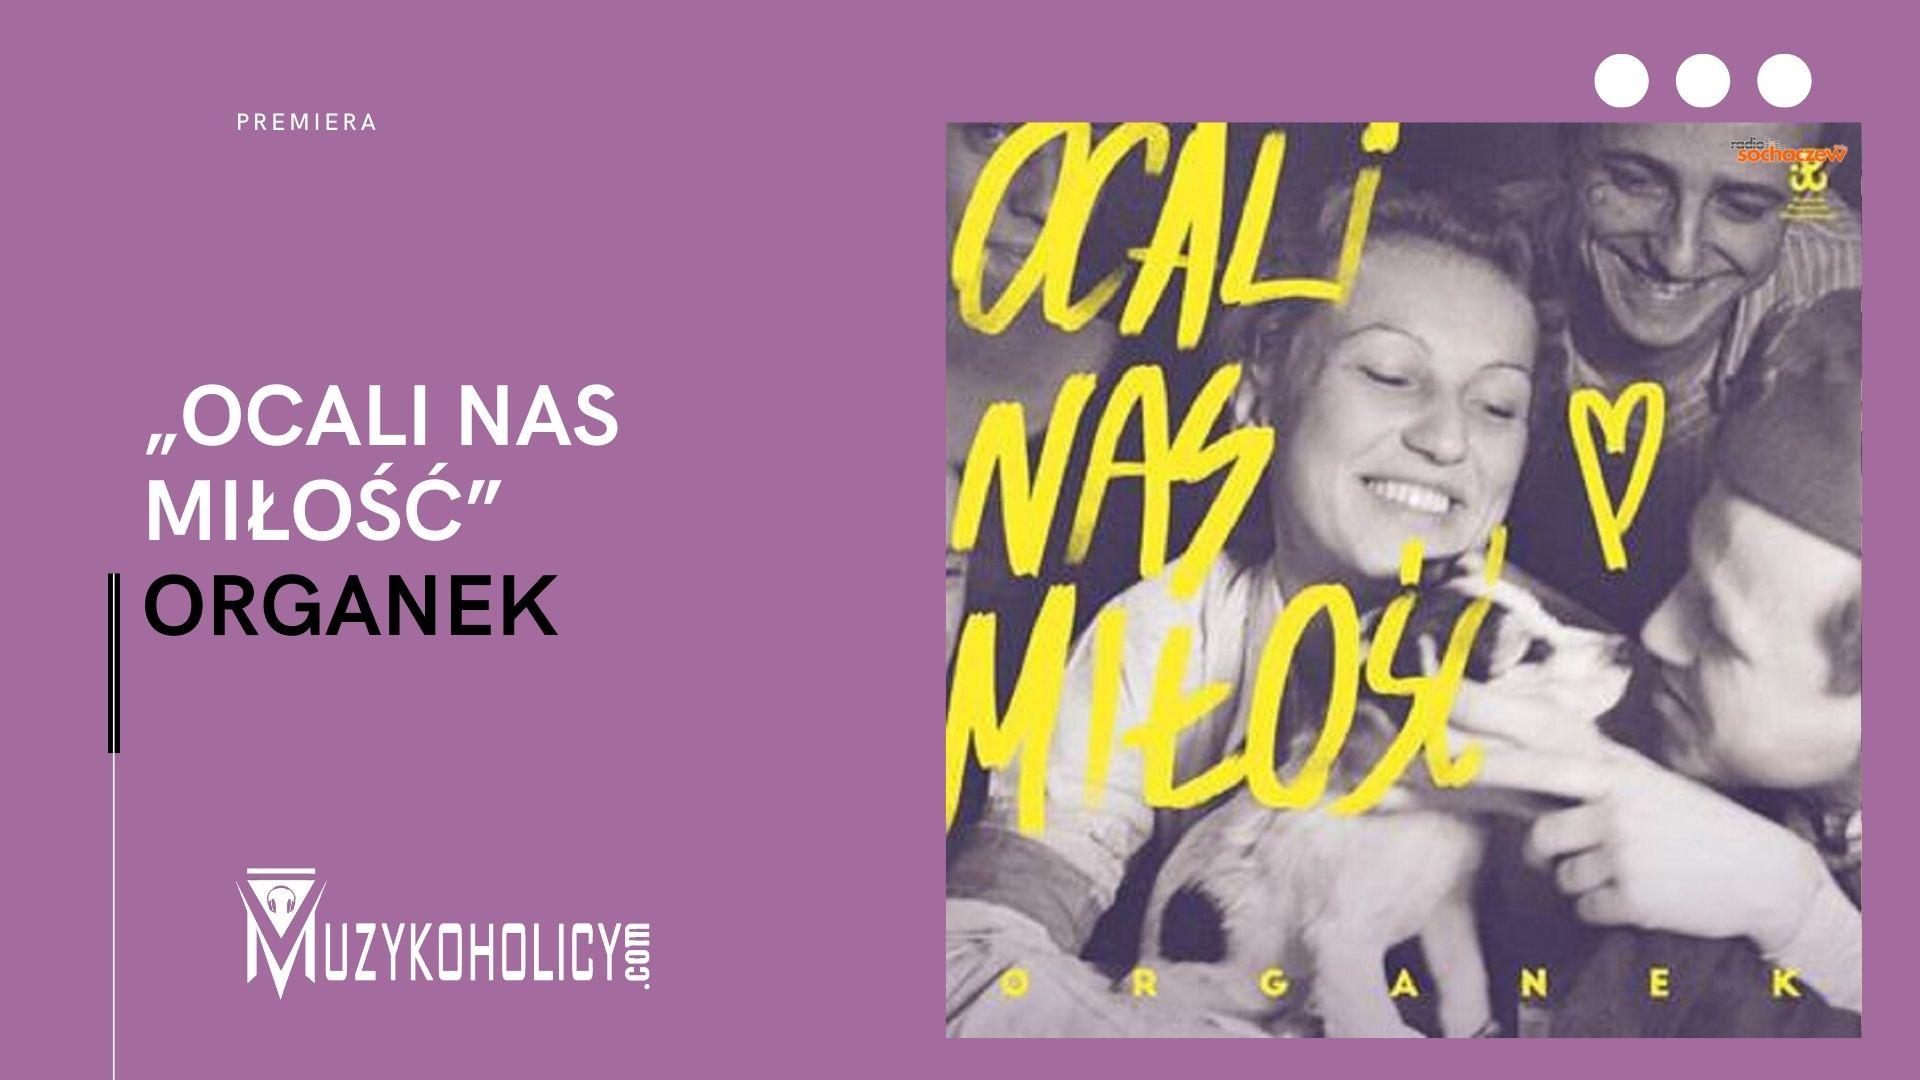 """Organek – """"Ocali nas miłość"""" – album z okazji 77. rocznicy Powstania Warszawskiego"""